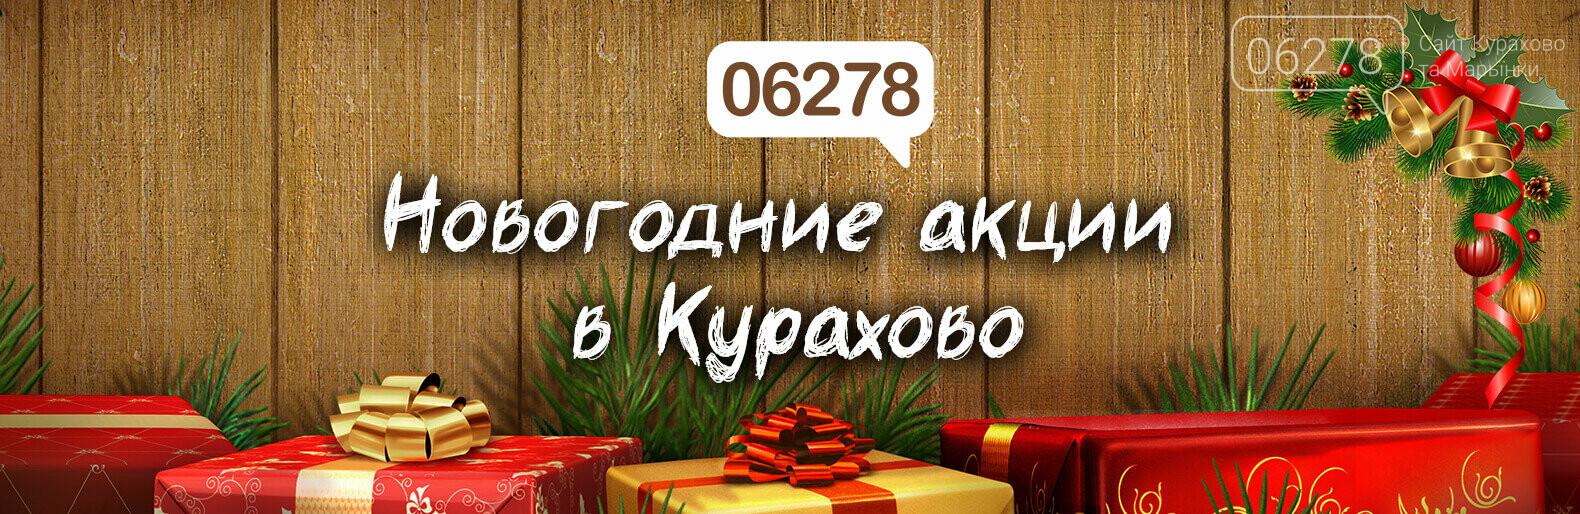 Новогодние акции